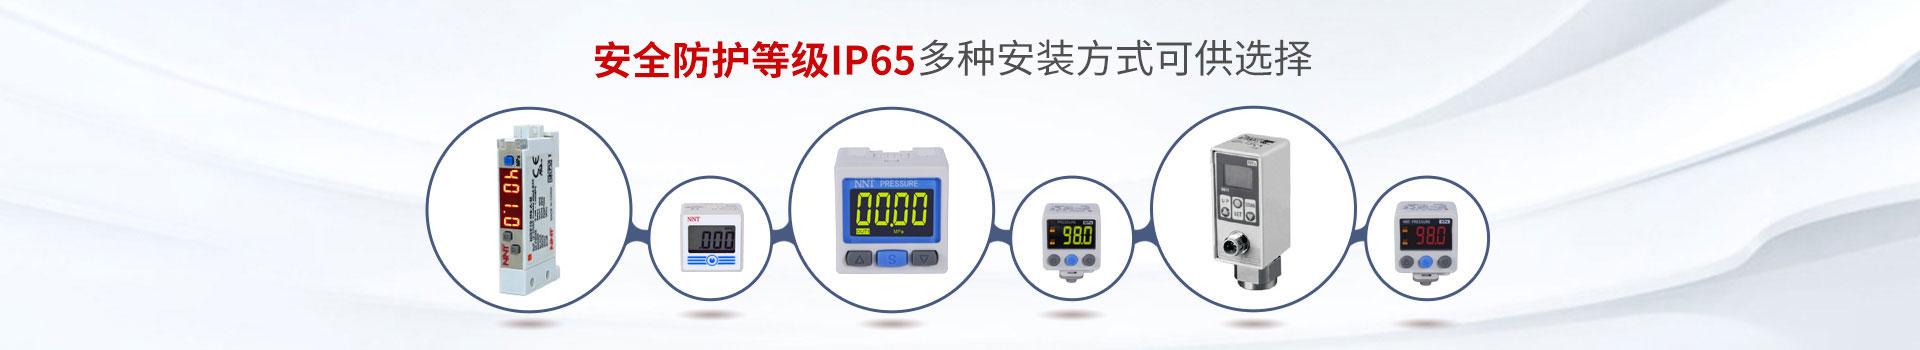 诺能泰压力开关安全防护等级IP65 多种安装方式可供选择